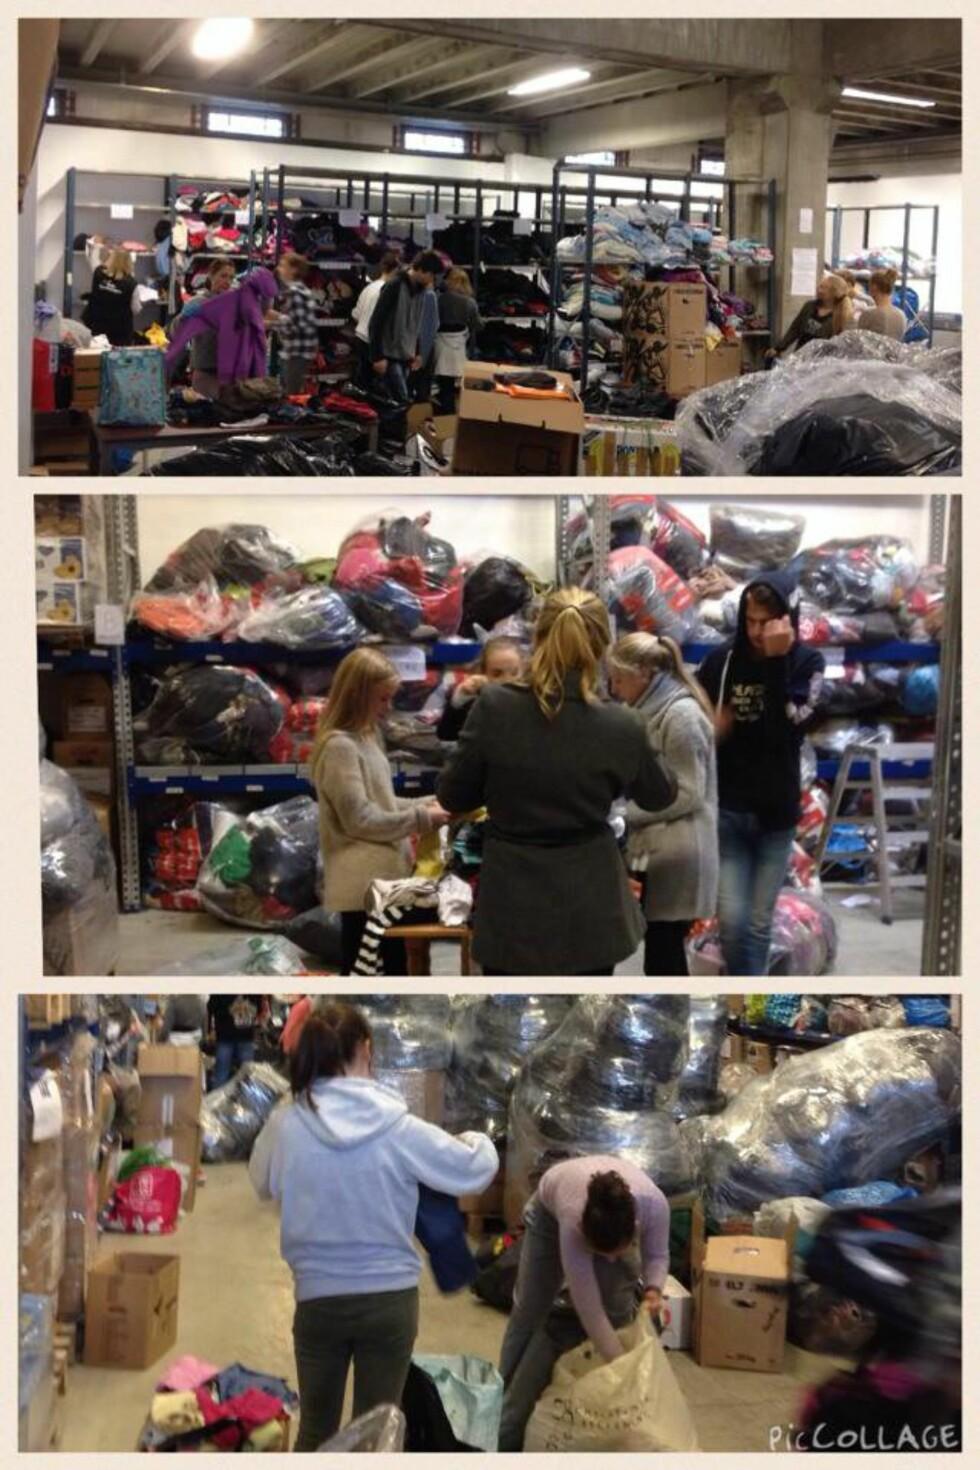 SAMLER INN: Hjemme i Norge har Trude, sammen med mange medhjelpere, organisert stor innsamling av klær til flyktningene. Foto: PRIVAT